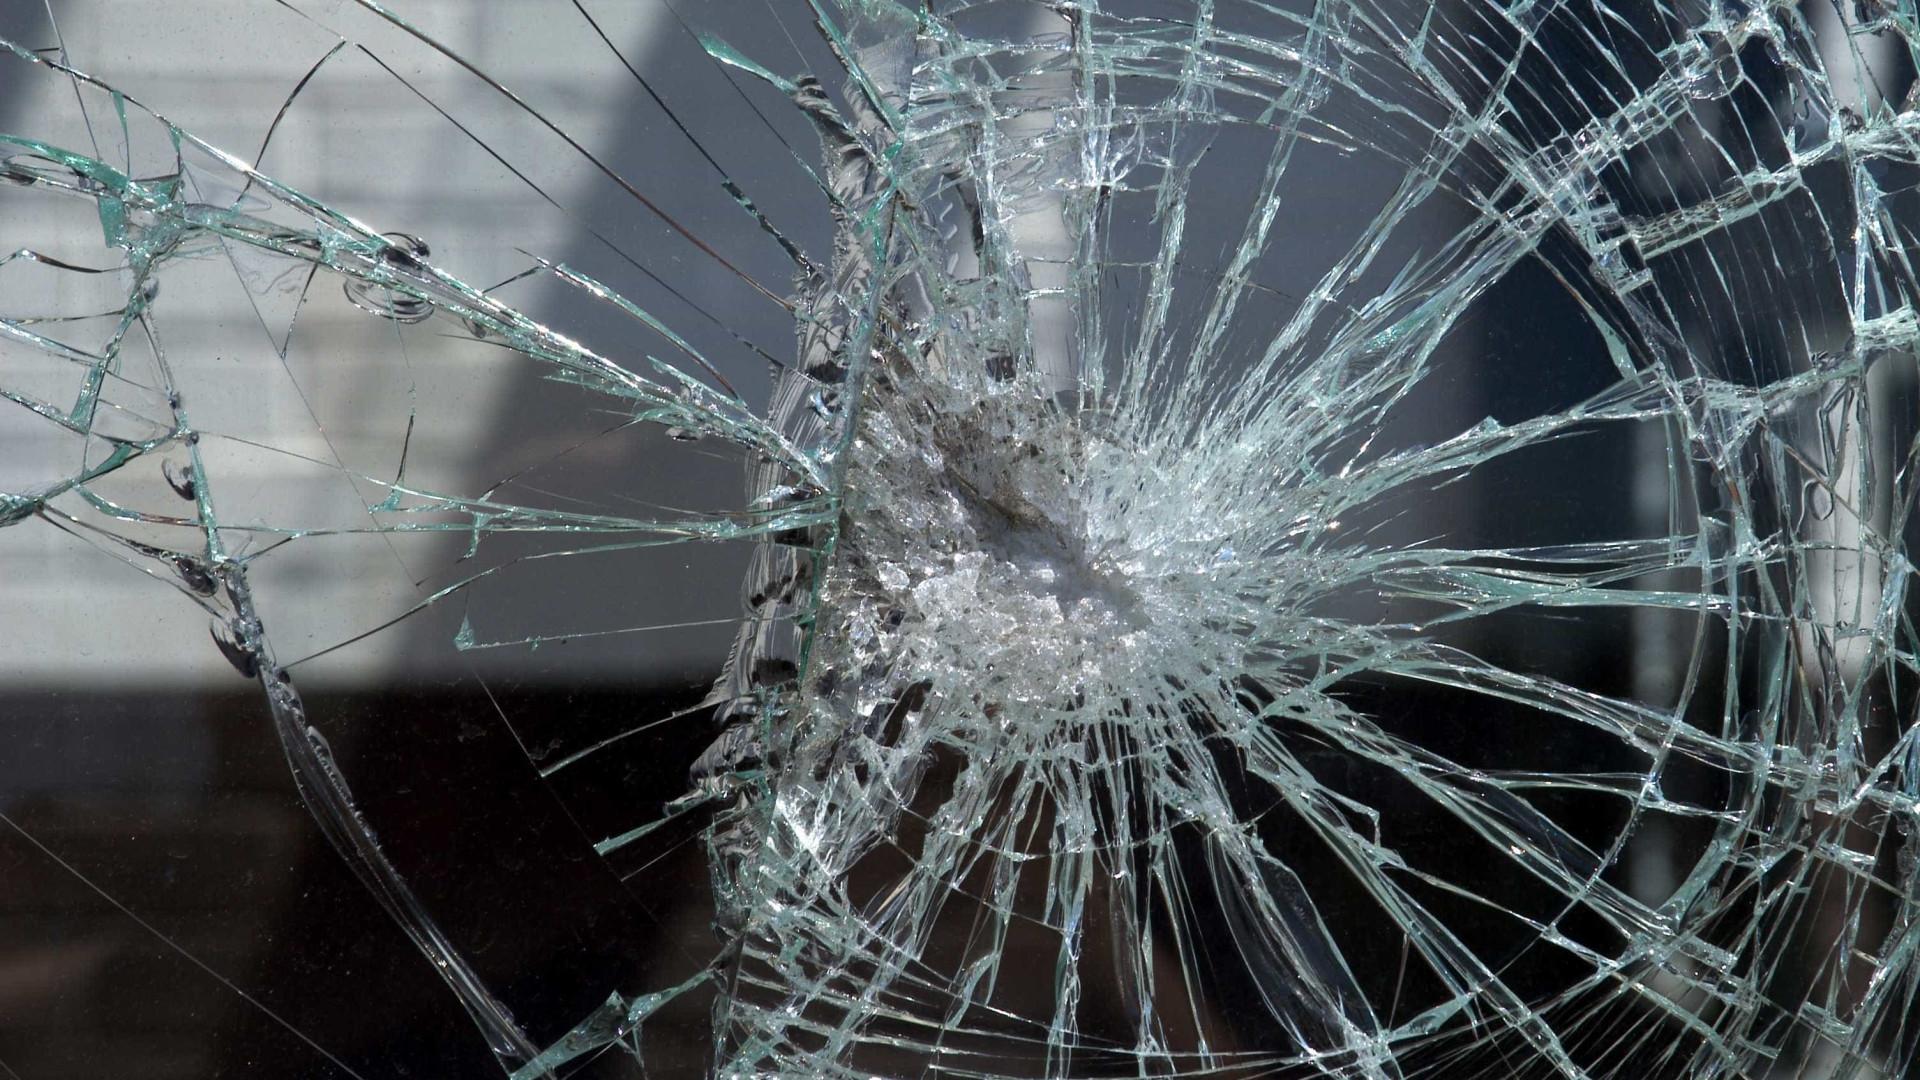 Mulher é baleada na cabeça dentro de casa na Zona Oeste do Rio